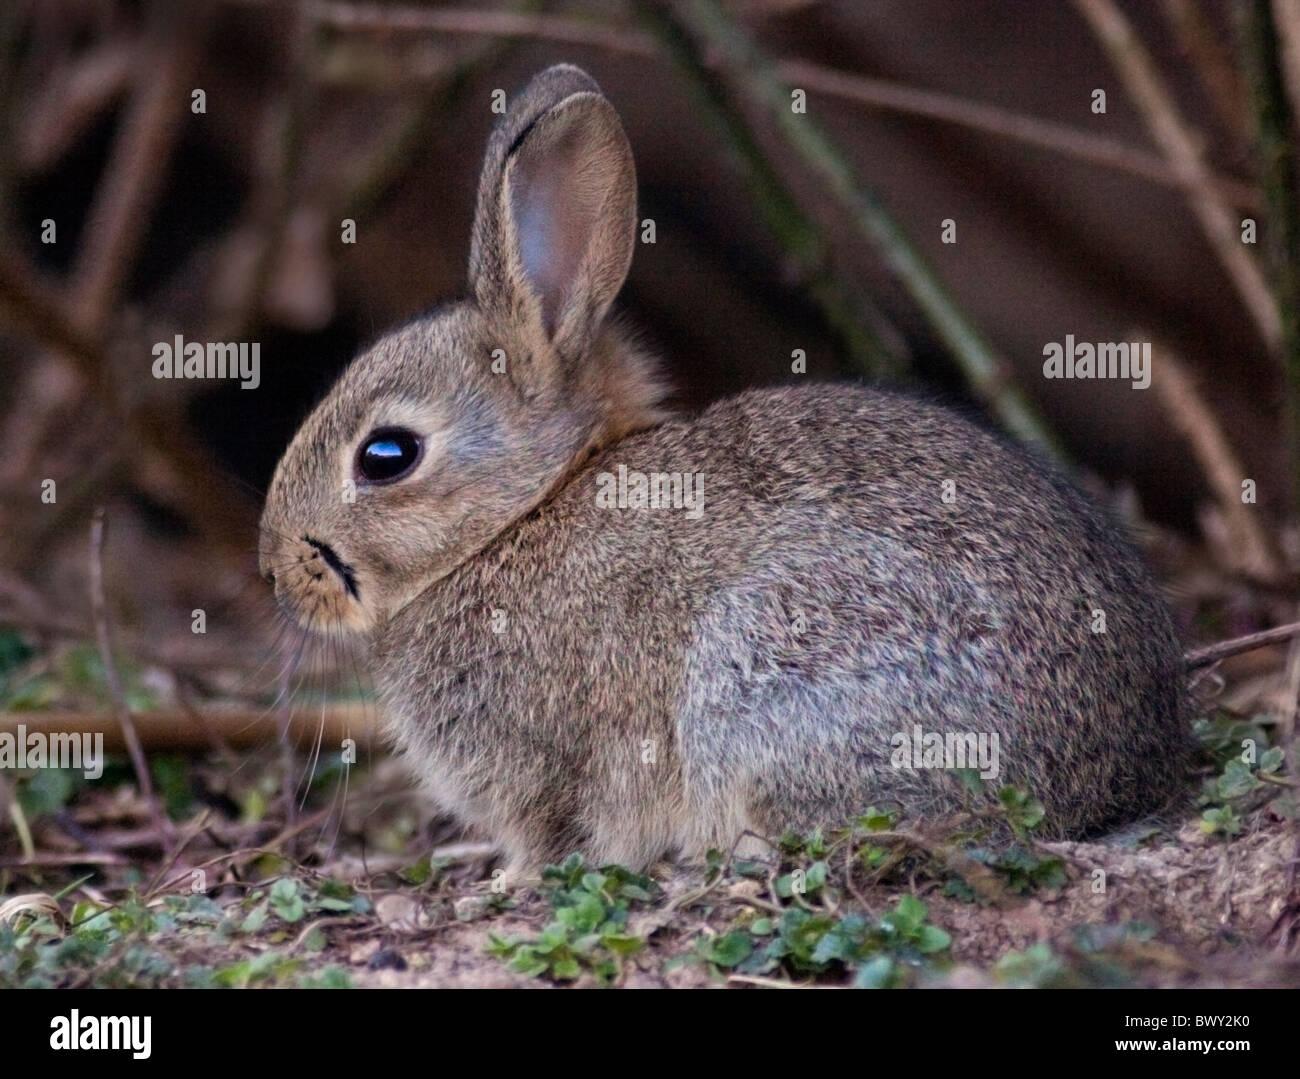 Baby Wild conejo europeo (Oryctolagus cuniculus) Imagen De Stock